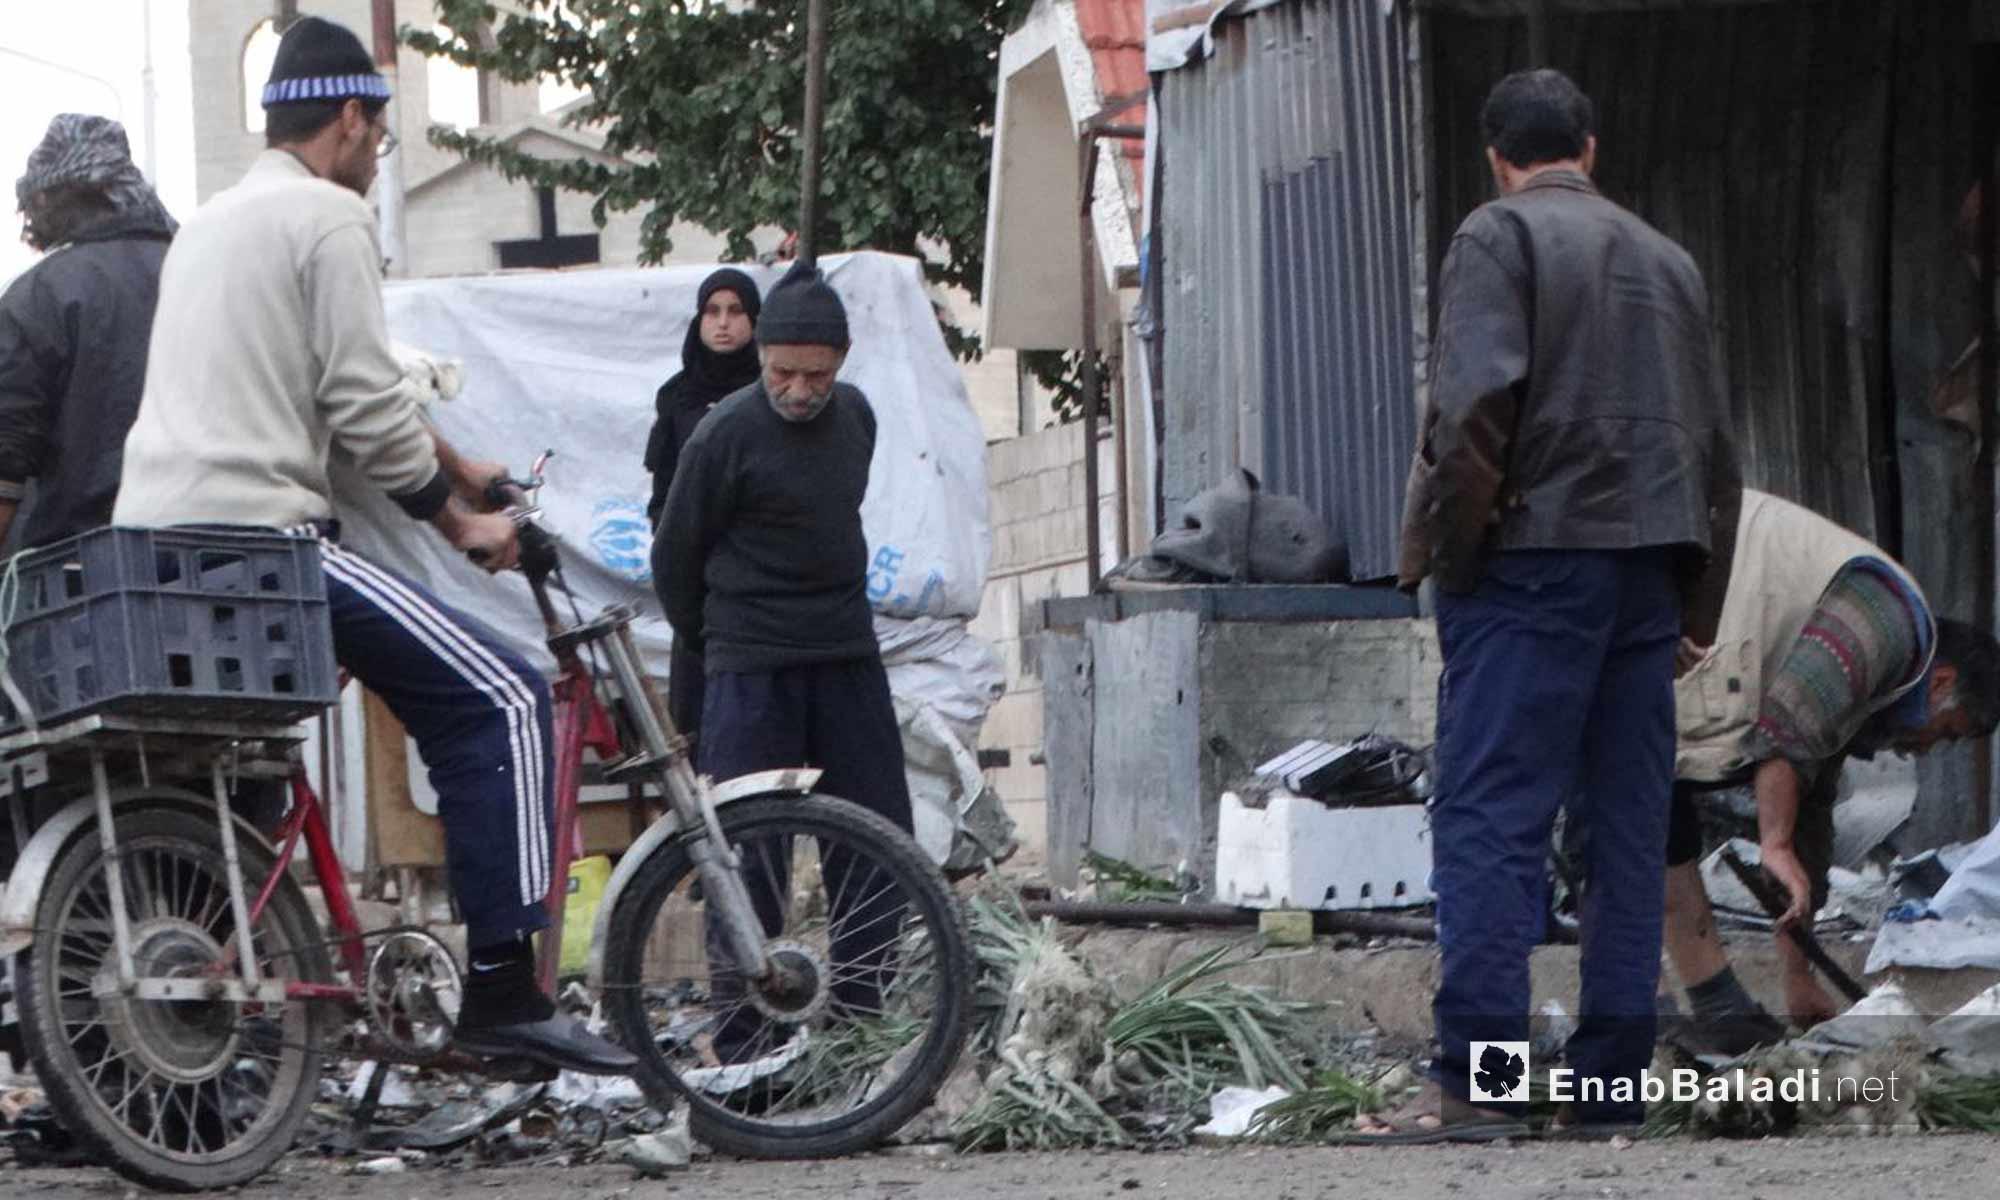 أهالي حي الوعر يقفون بين الدمار إثر قصفه - 15 تشرين الثاني 2016 (عنب بلدي)